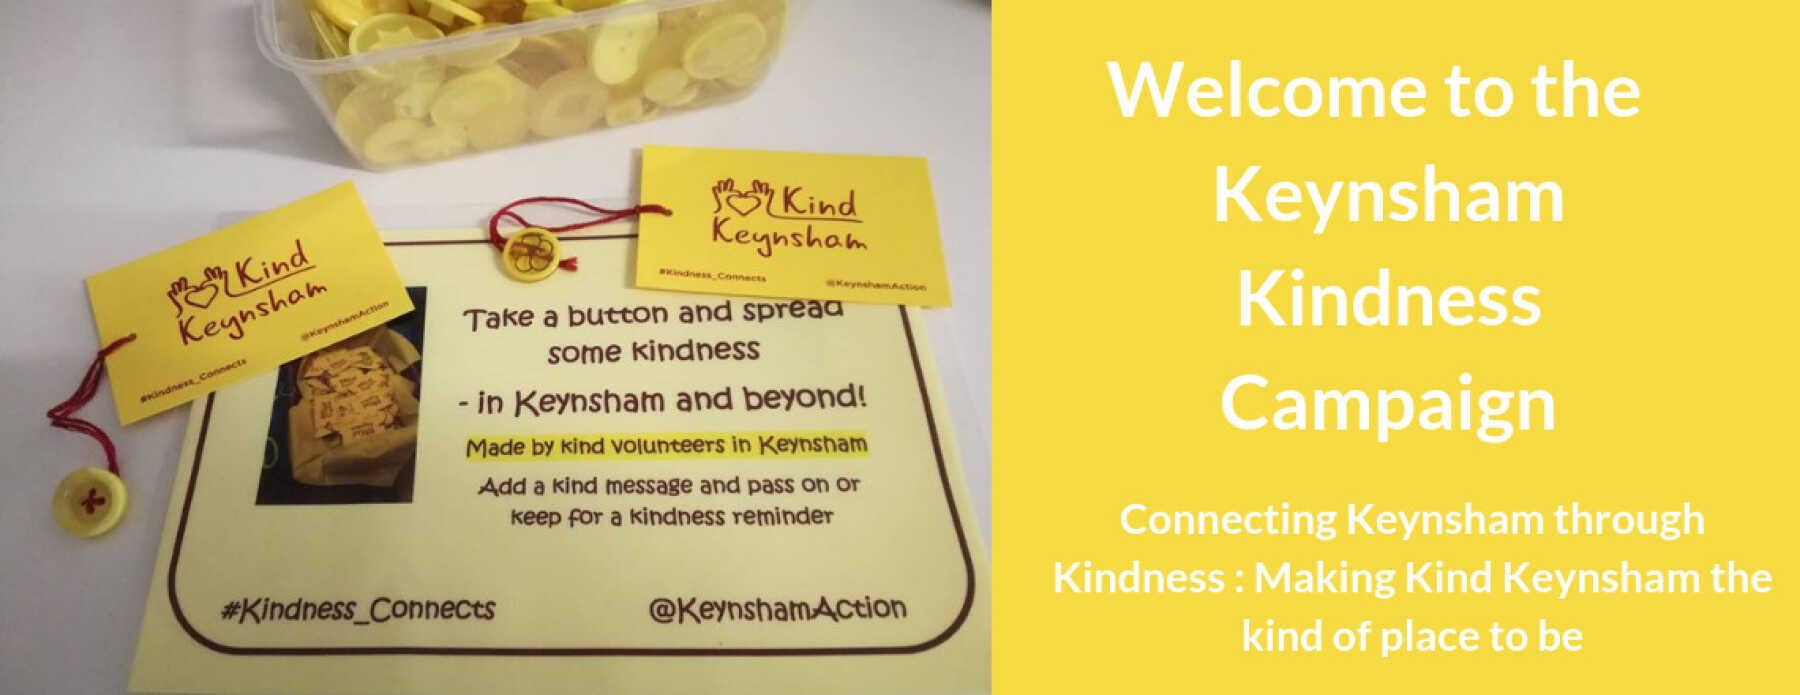 Featured Image for Keynsham Kindness Festival